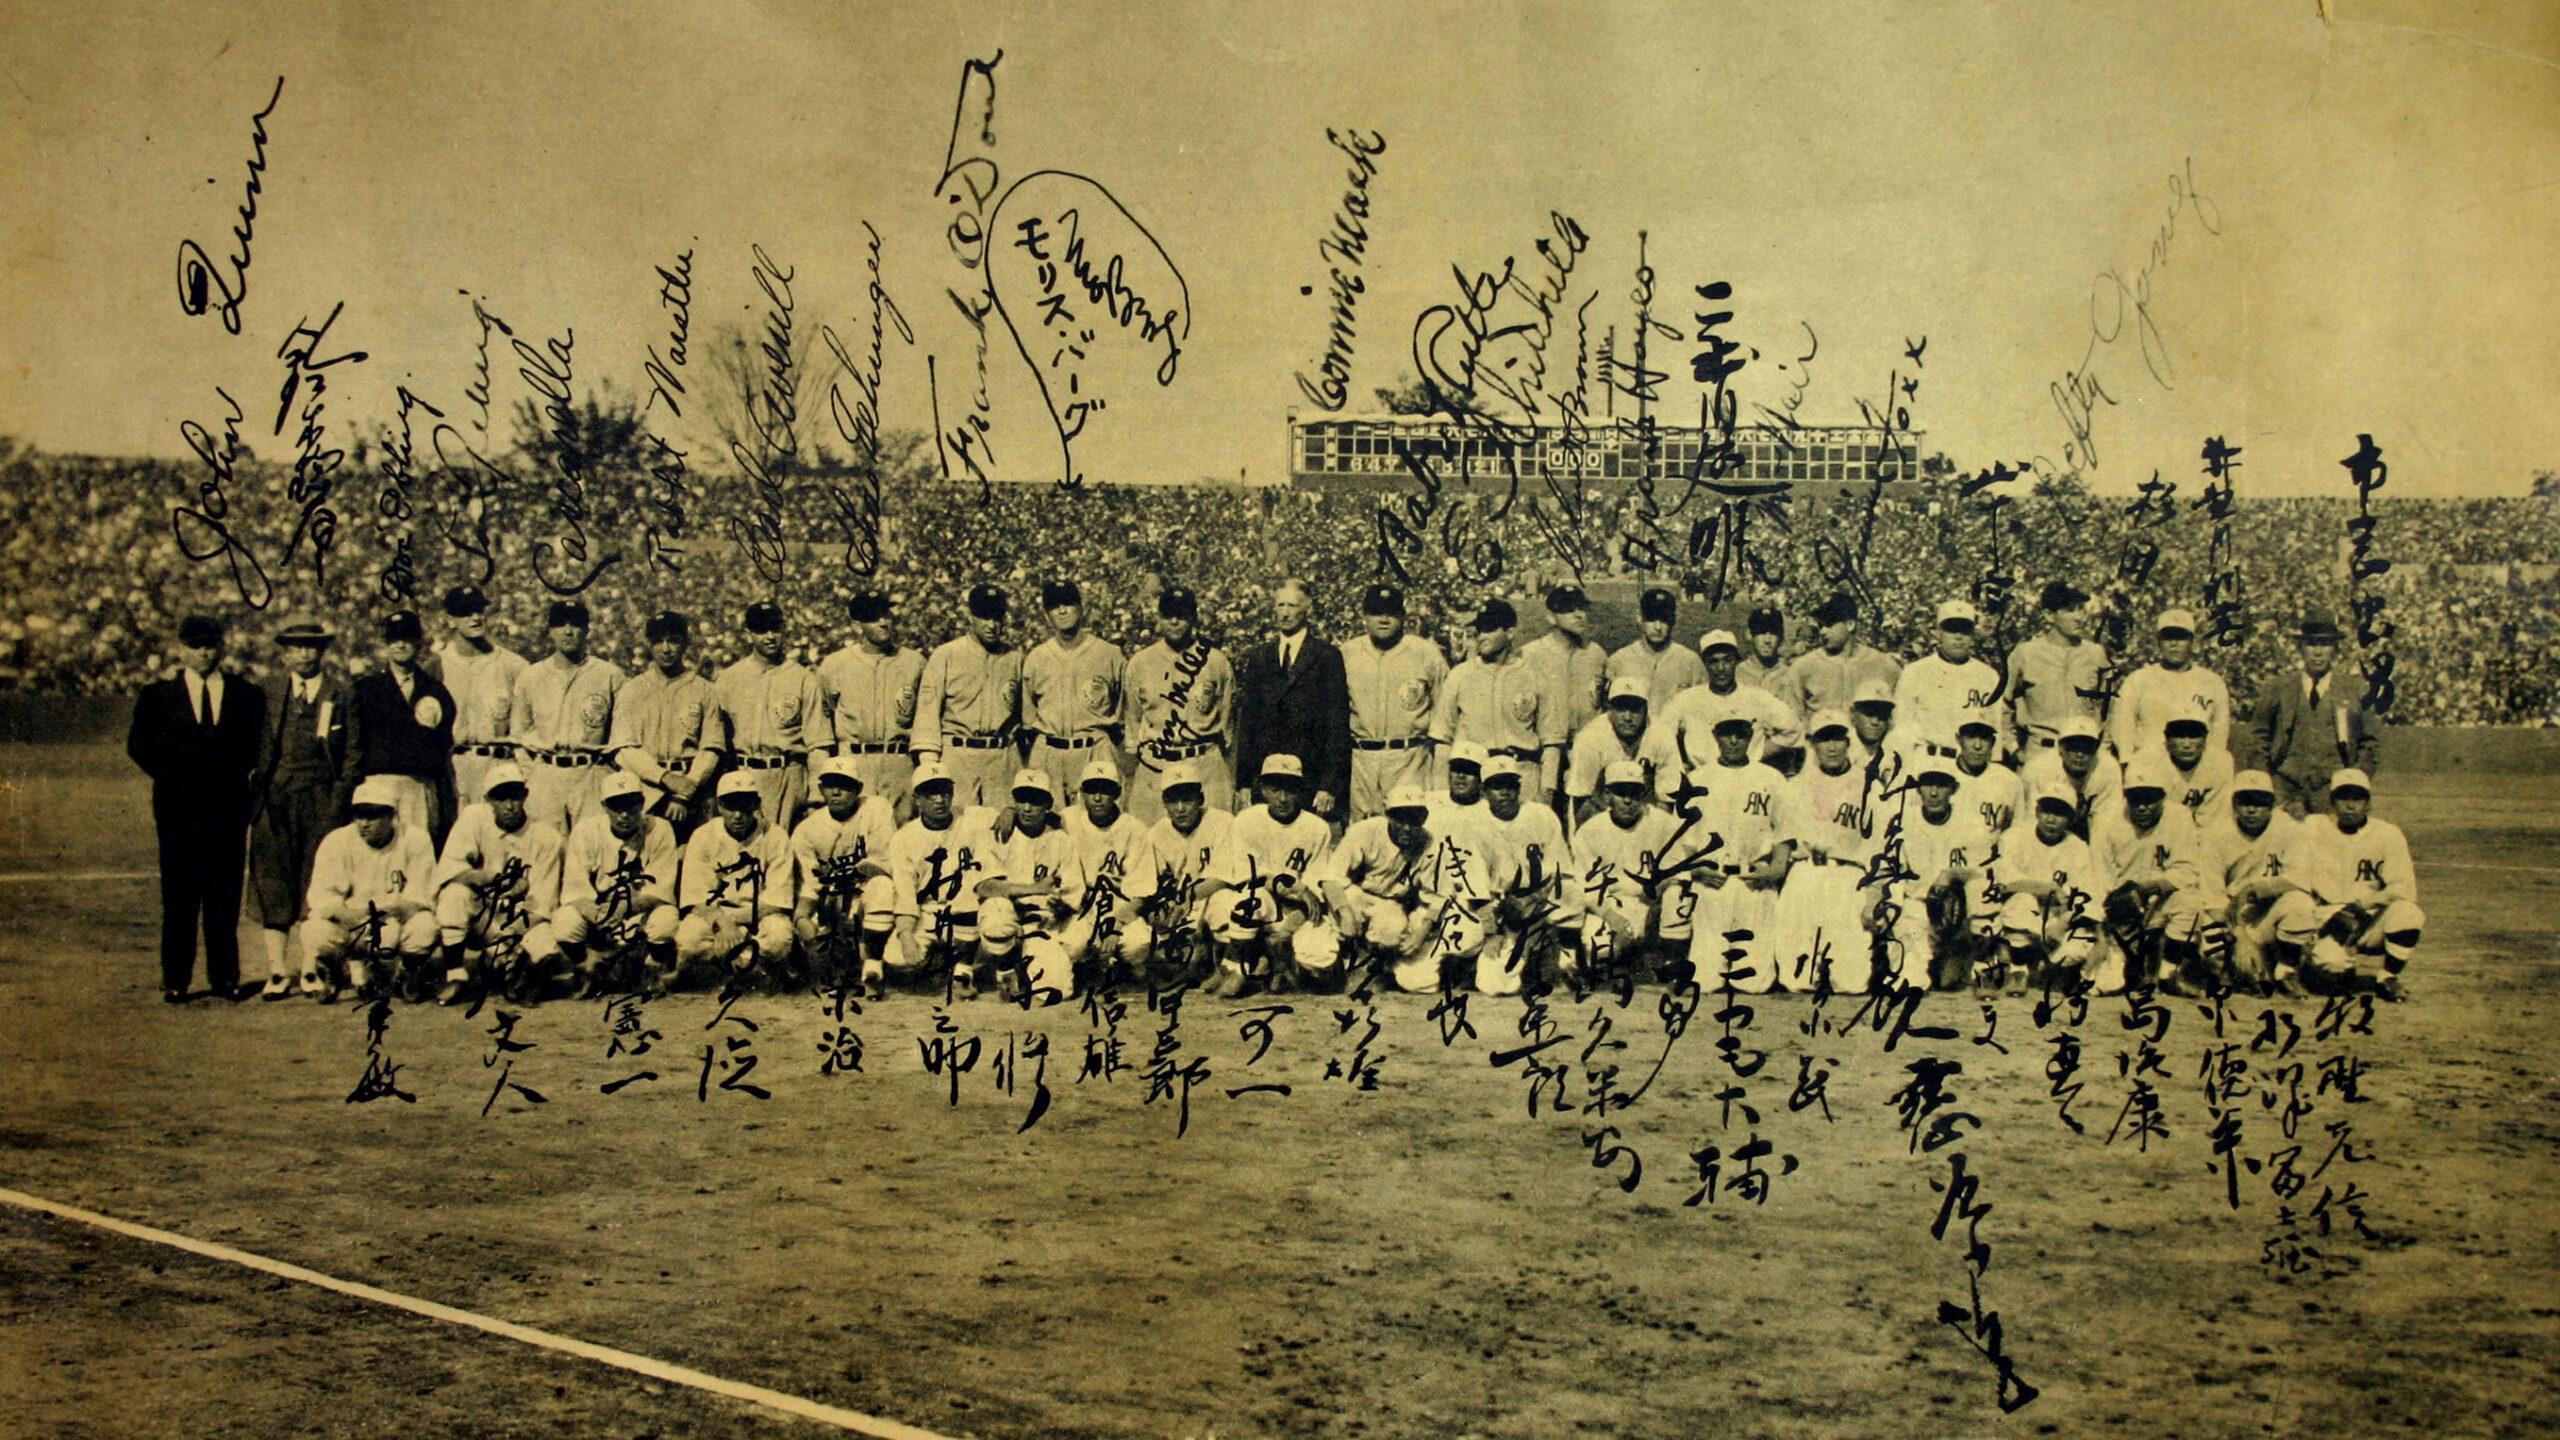 1934年日米野球集合写真